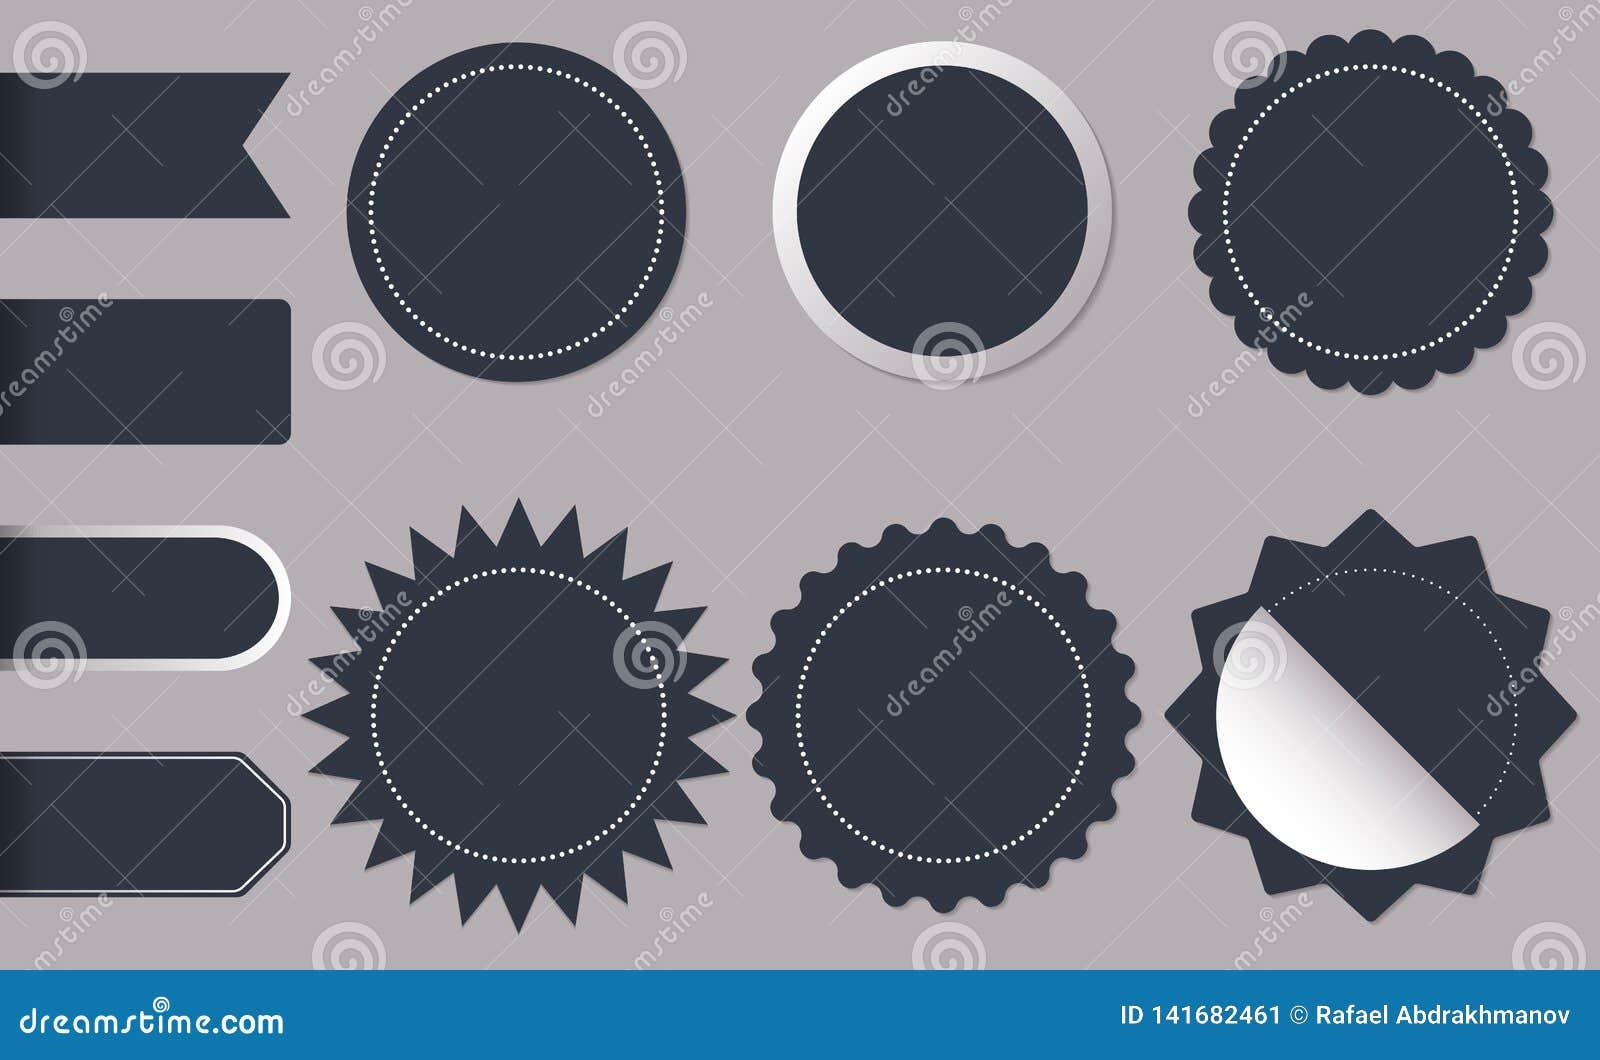 Etiquetas engomadas del círculo de la forma horizontal y redonda para las nuevas y mejores etiquetas del producto de la tienda de